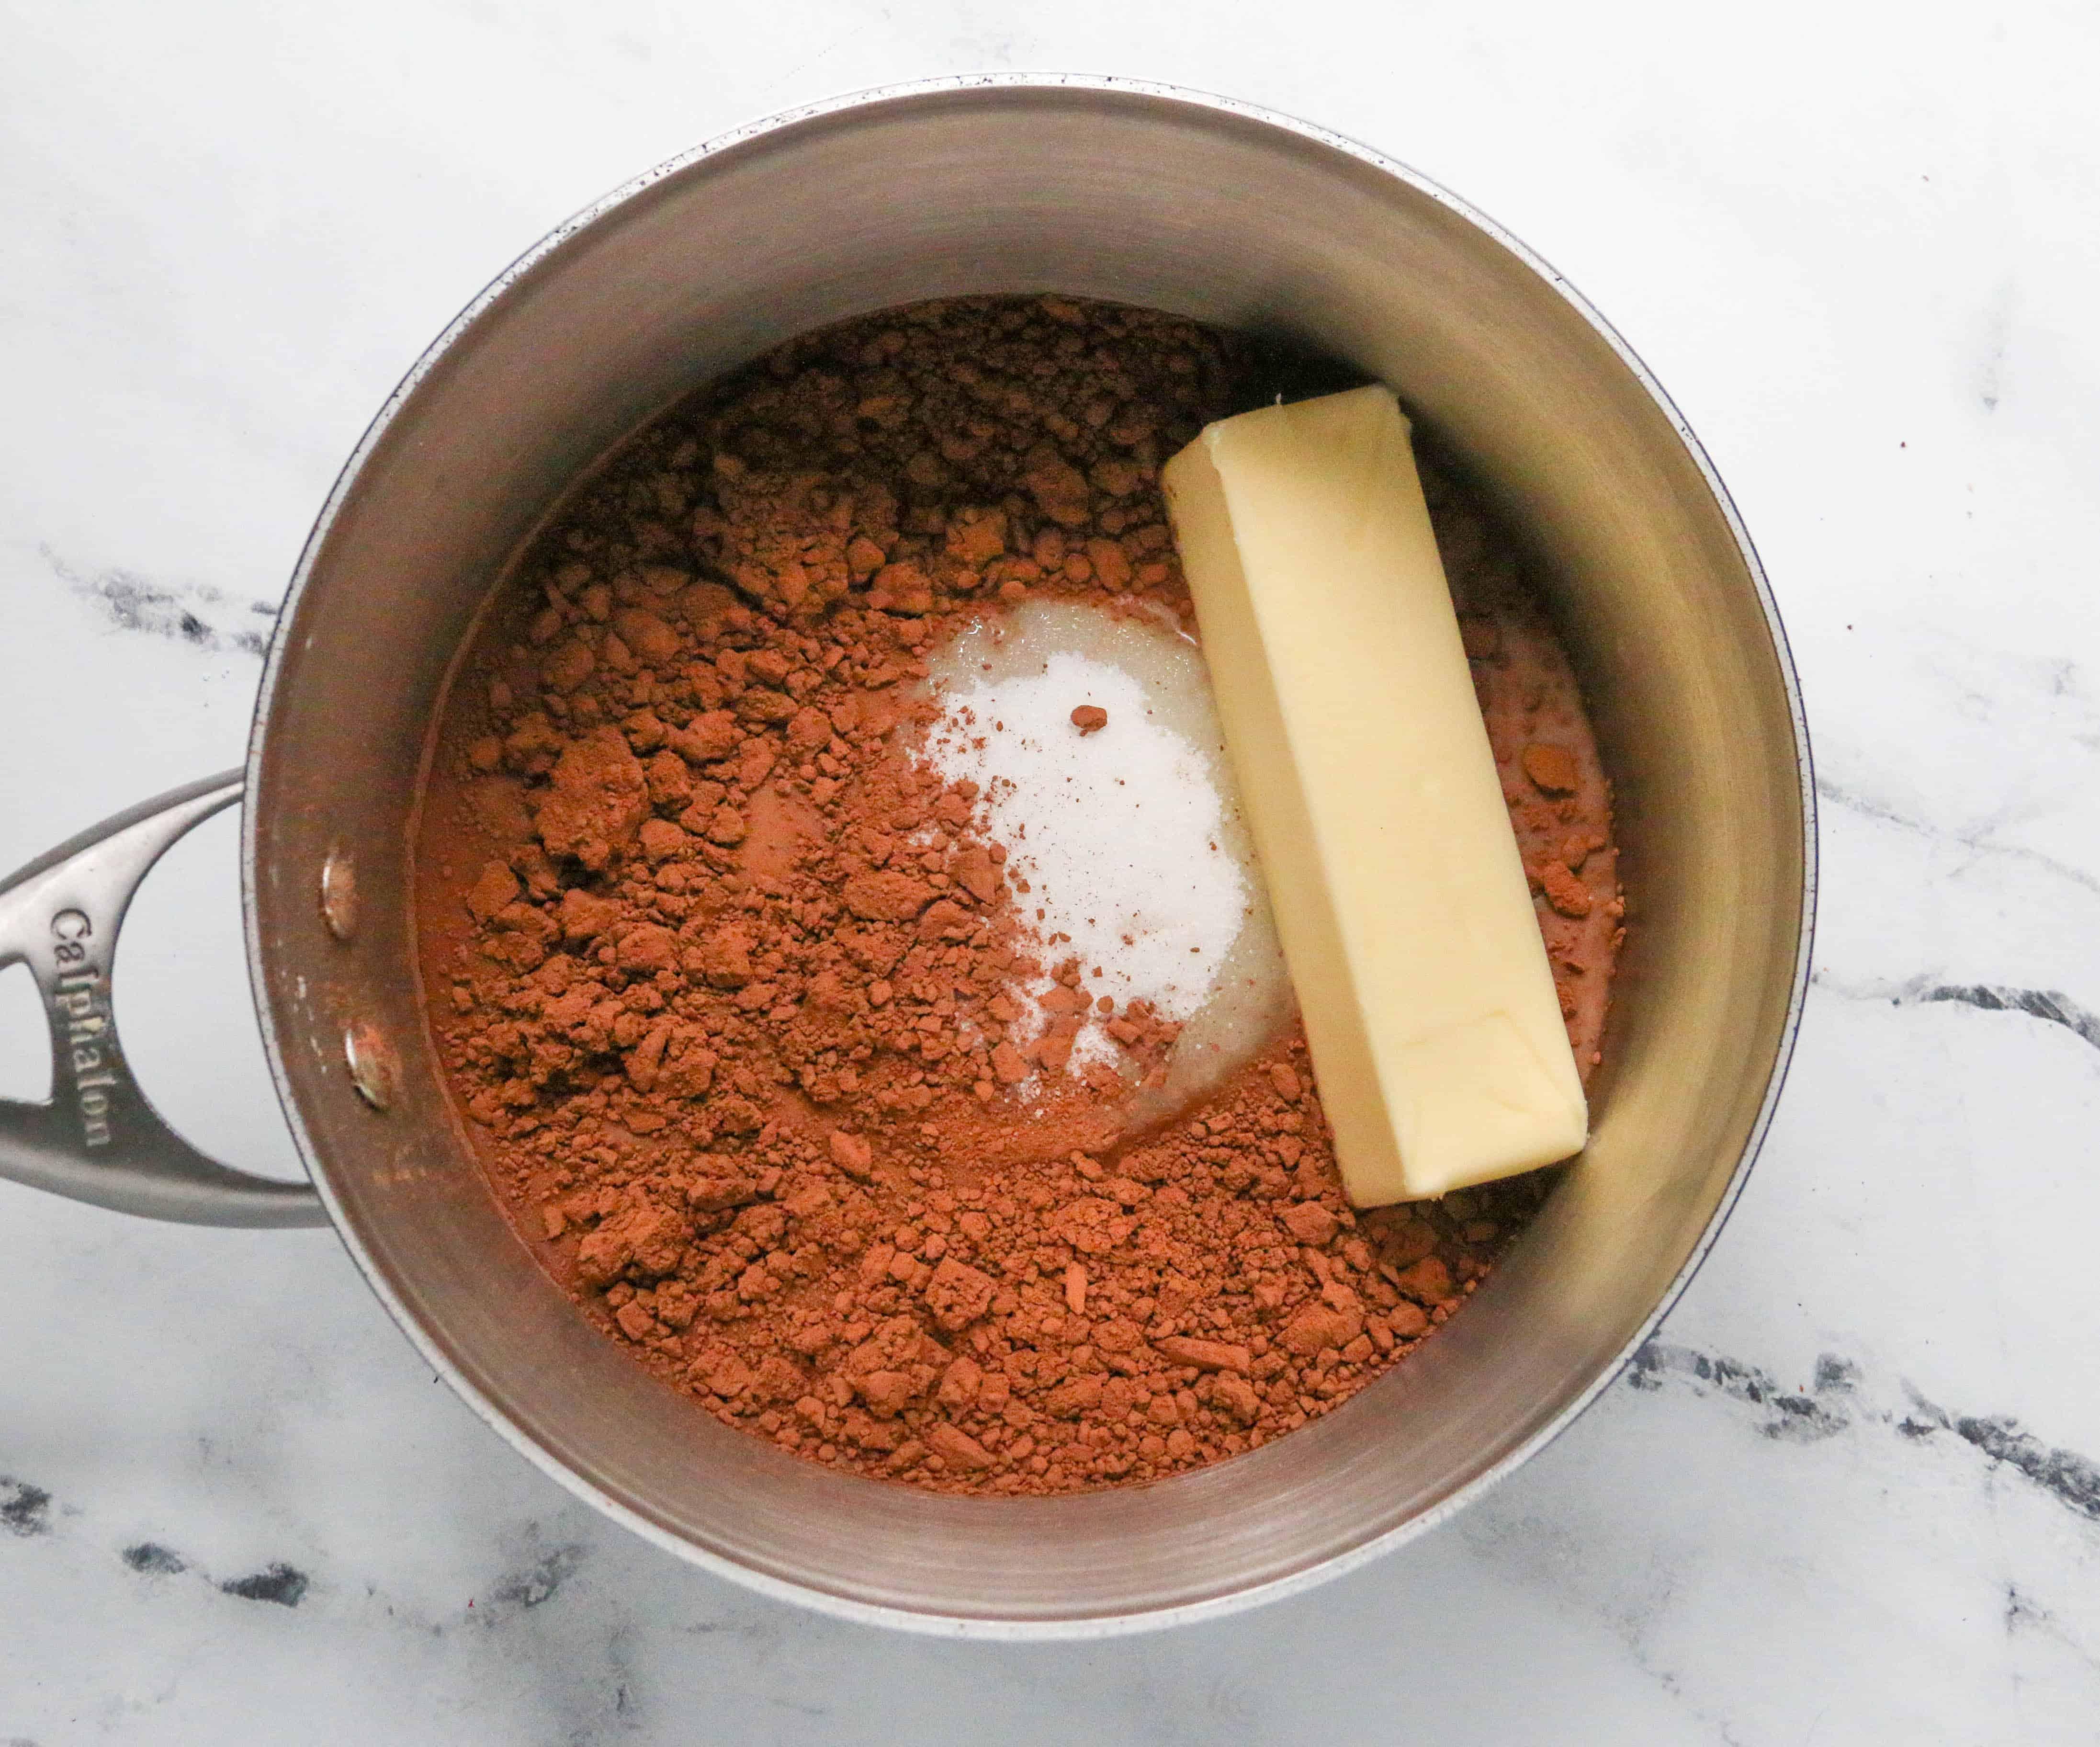 Boil ingredients in saucepan for 1 minute.